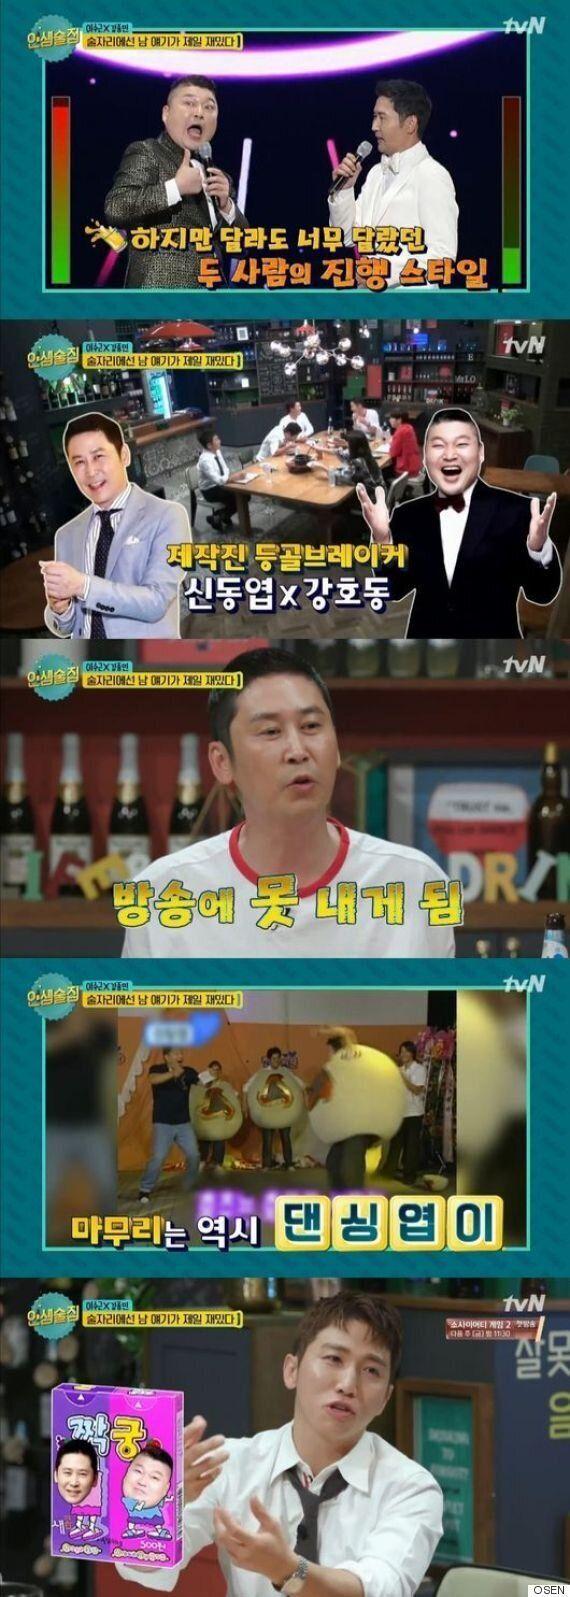 [어저께TV] '인생술집' 신동엽이 직접 밝힌 국민MC